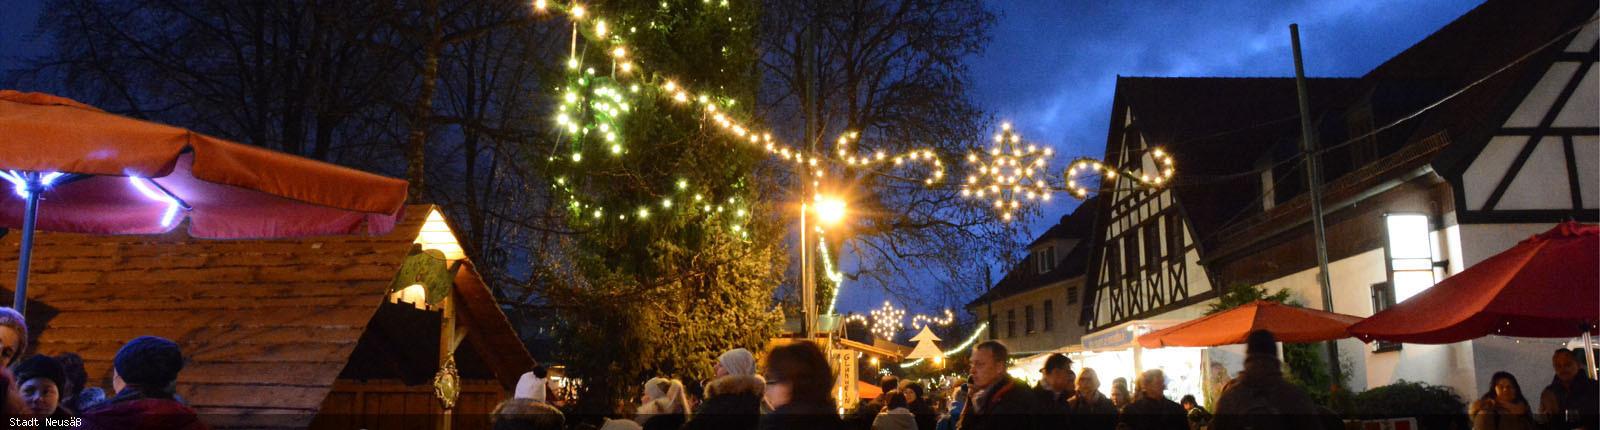 Weihnachtsmarkt Ende.Vorschau Weihnachtsmarkt Stadt Neusäß